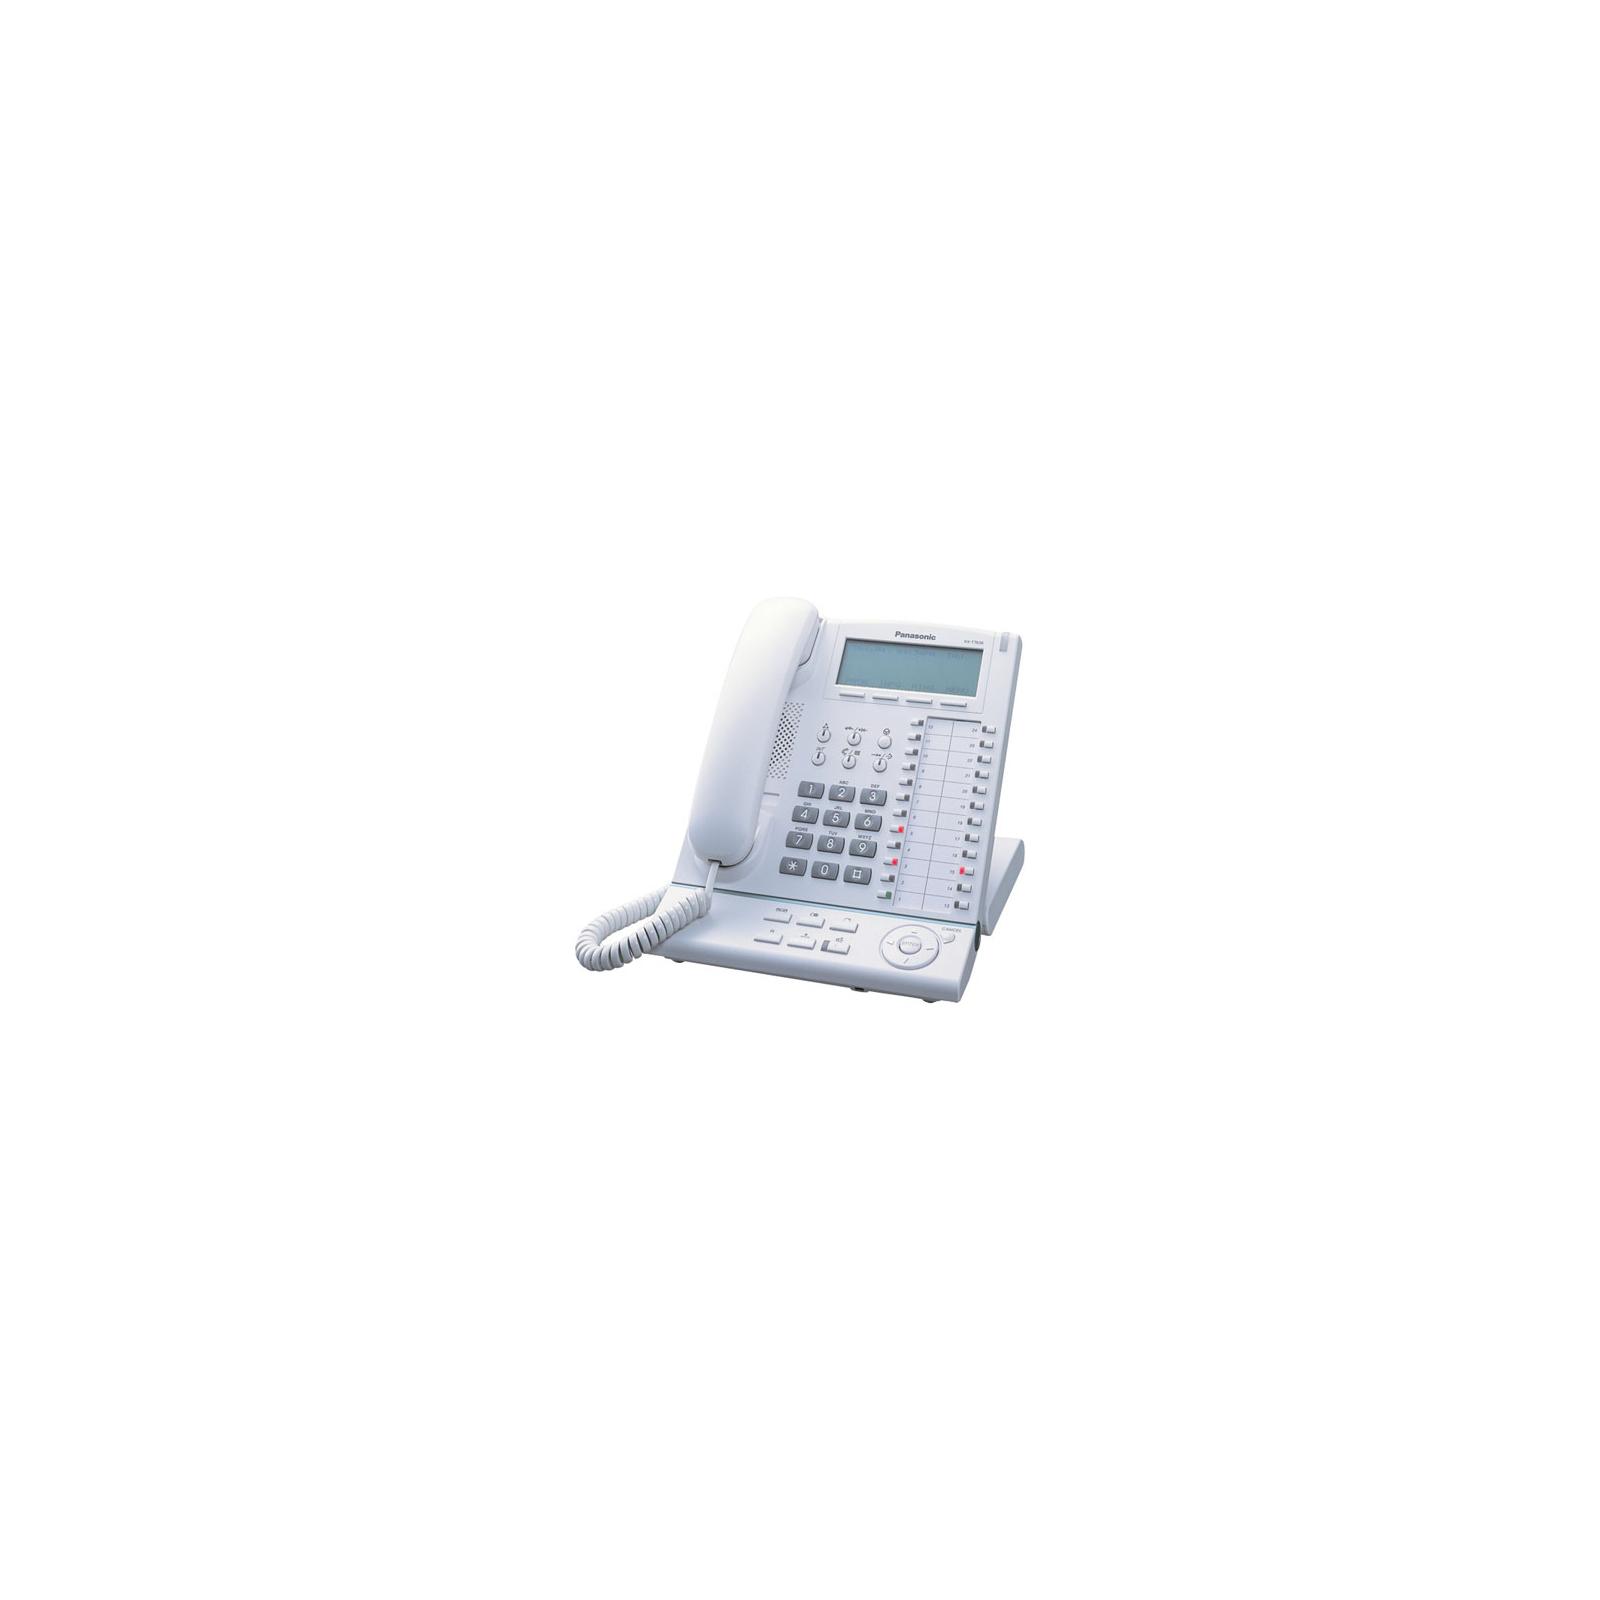 Телефон KX-T7636 PANASONIC (KX-T7636UA)